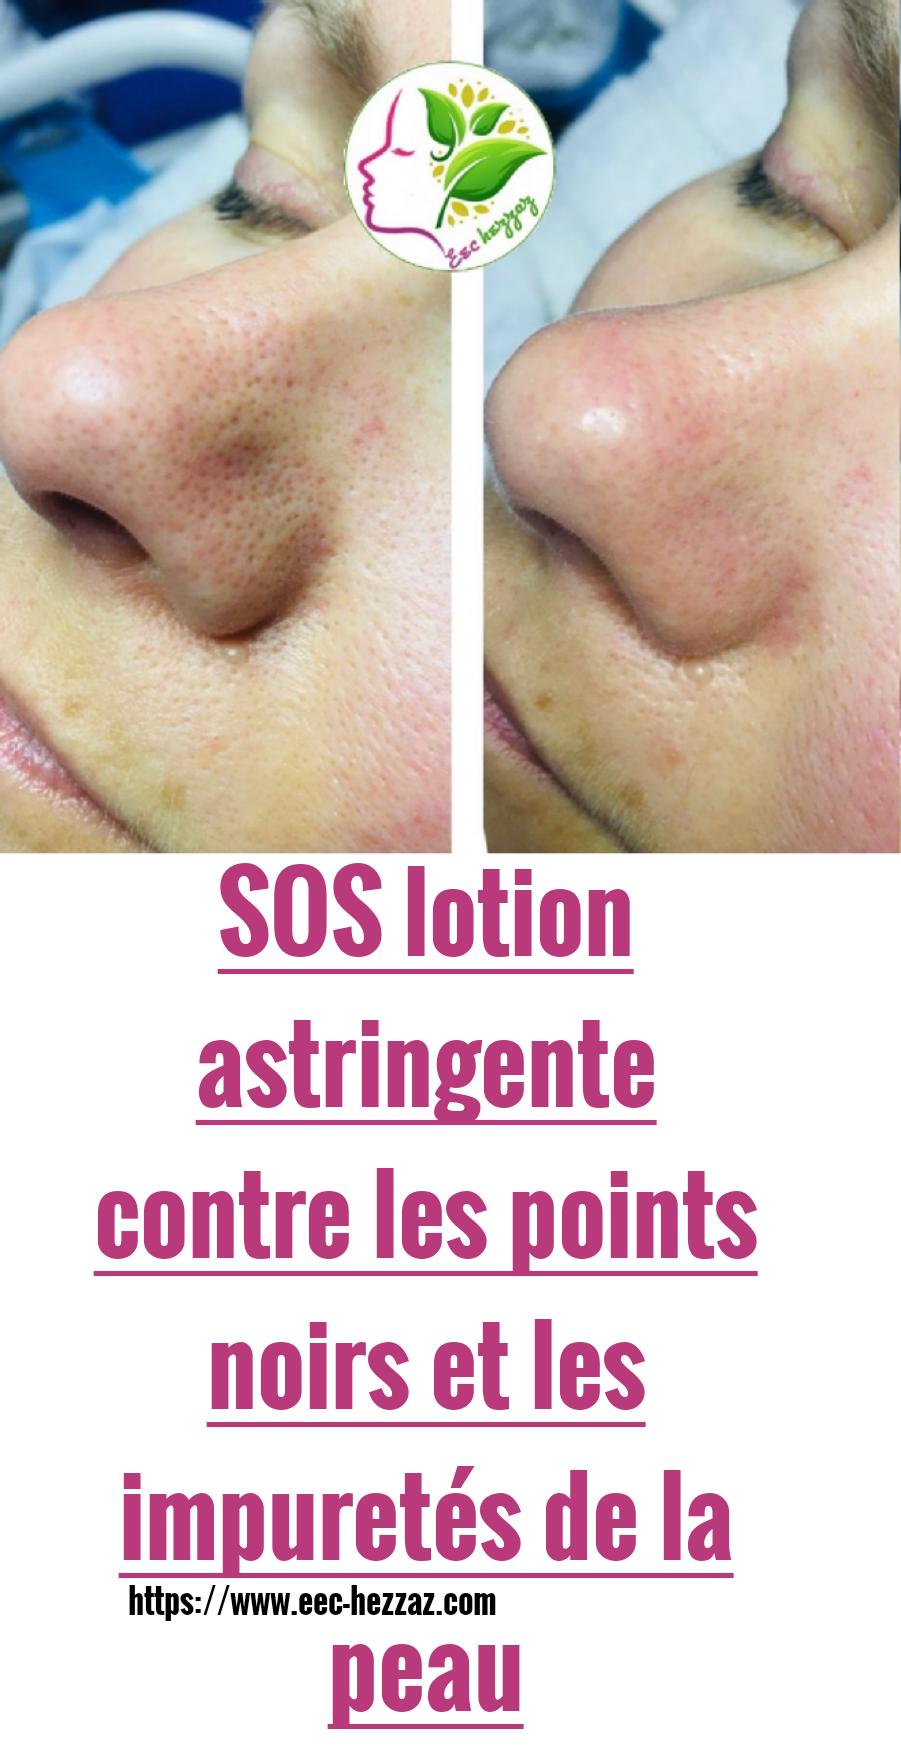 SOS lotion astringente contre les points noirs et les impuretés de la peau